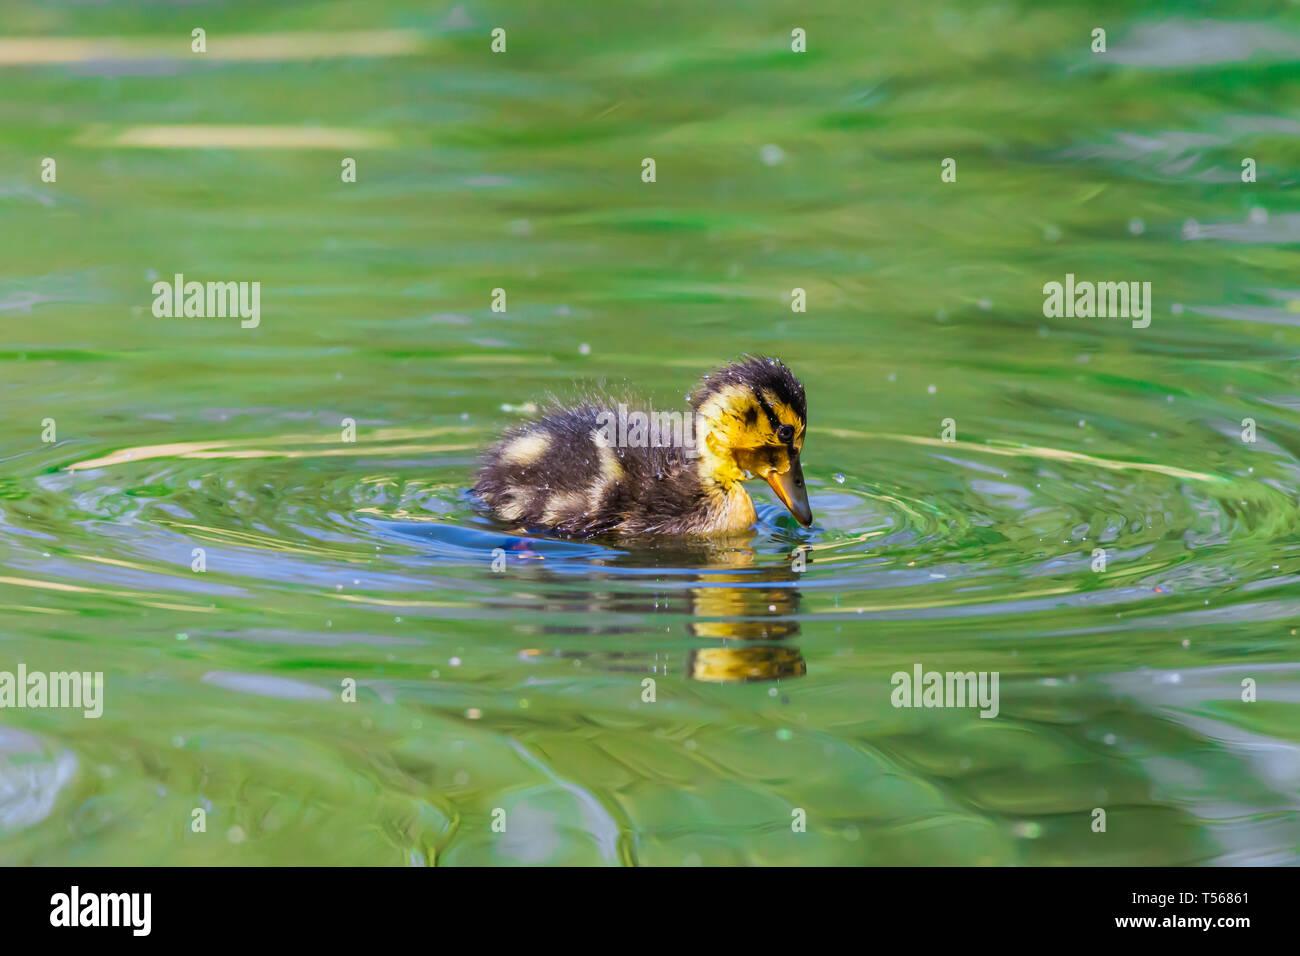 Un adorabile e soffici anatroccolo nuoto nel lago con acqua verde.British wildlife in primavera.Concetto di morbidezza, perfetto Easter card, Aprile calendario. Immagini Stock